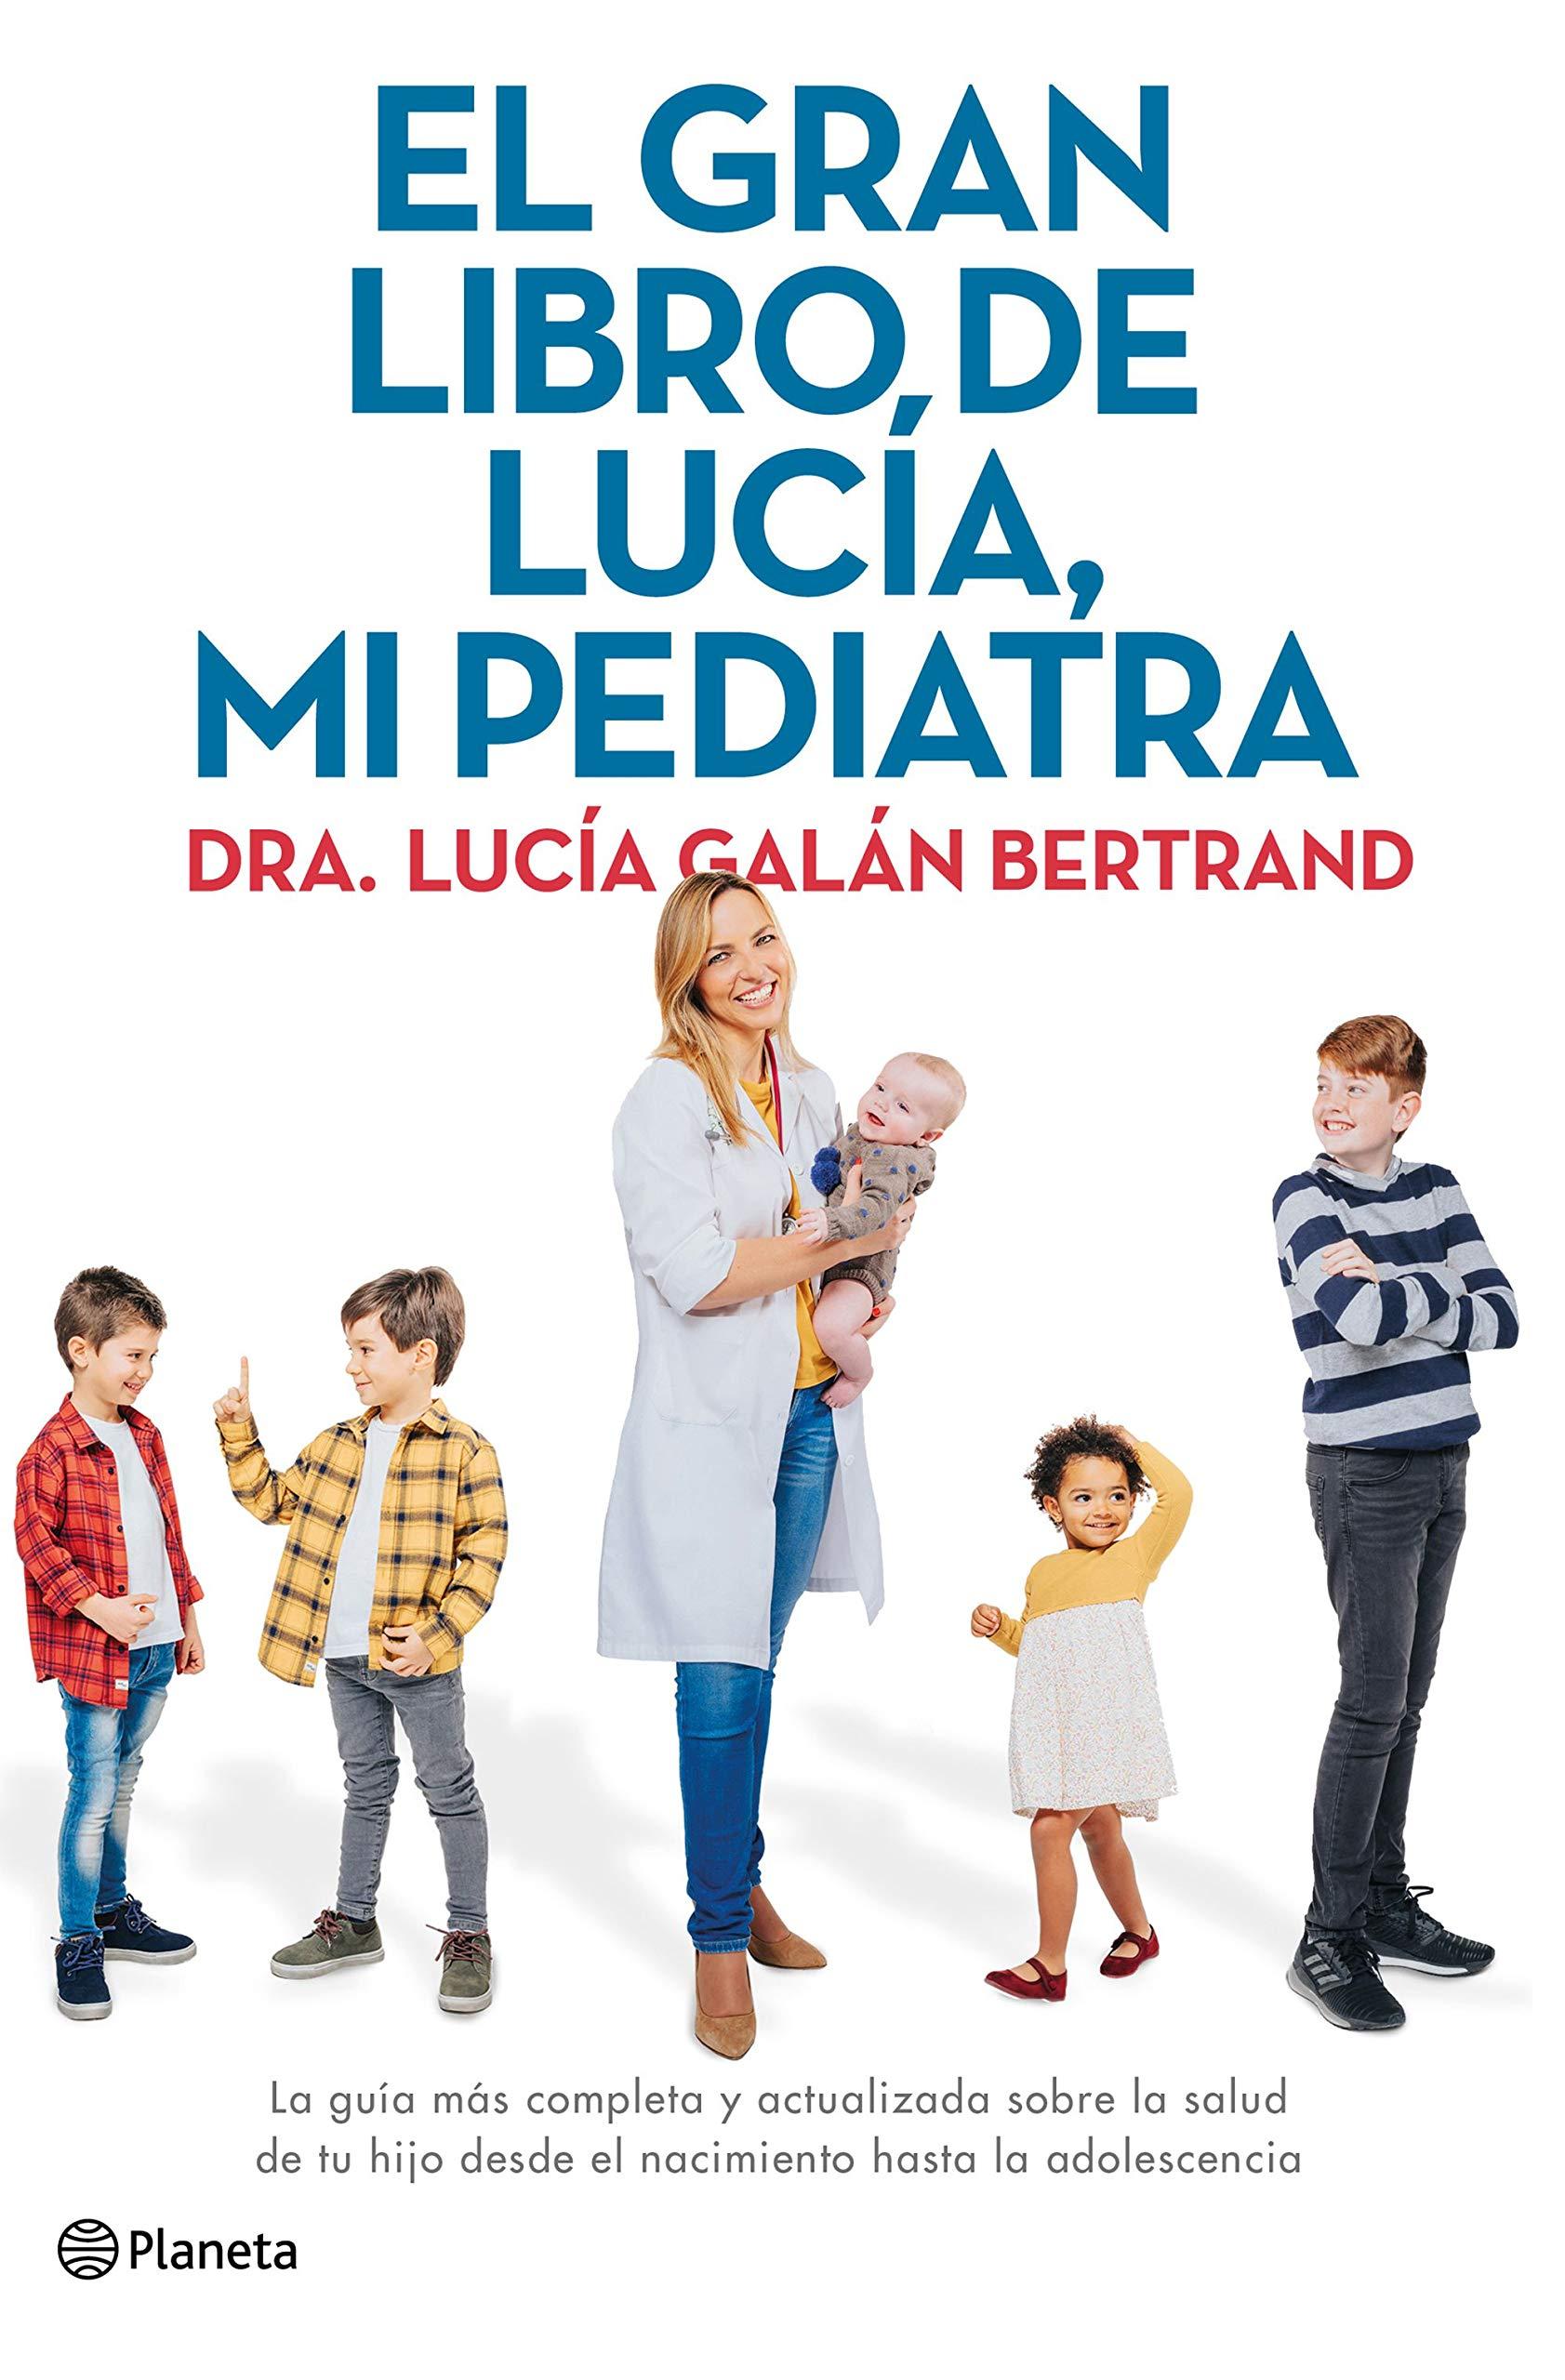 EL GRAN LIBRO DE LUCÍA, MI PEDIATRA (EBOOK) Autor/Autora Lucía Galán Bertrand